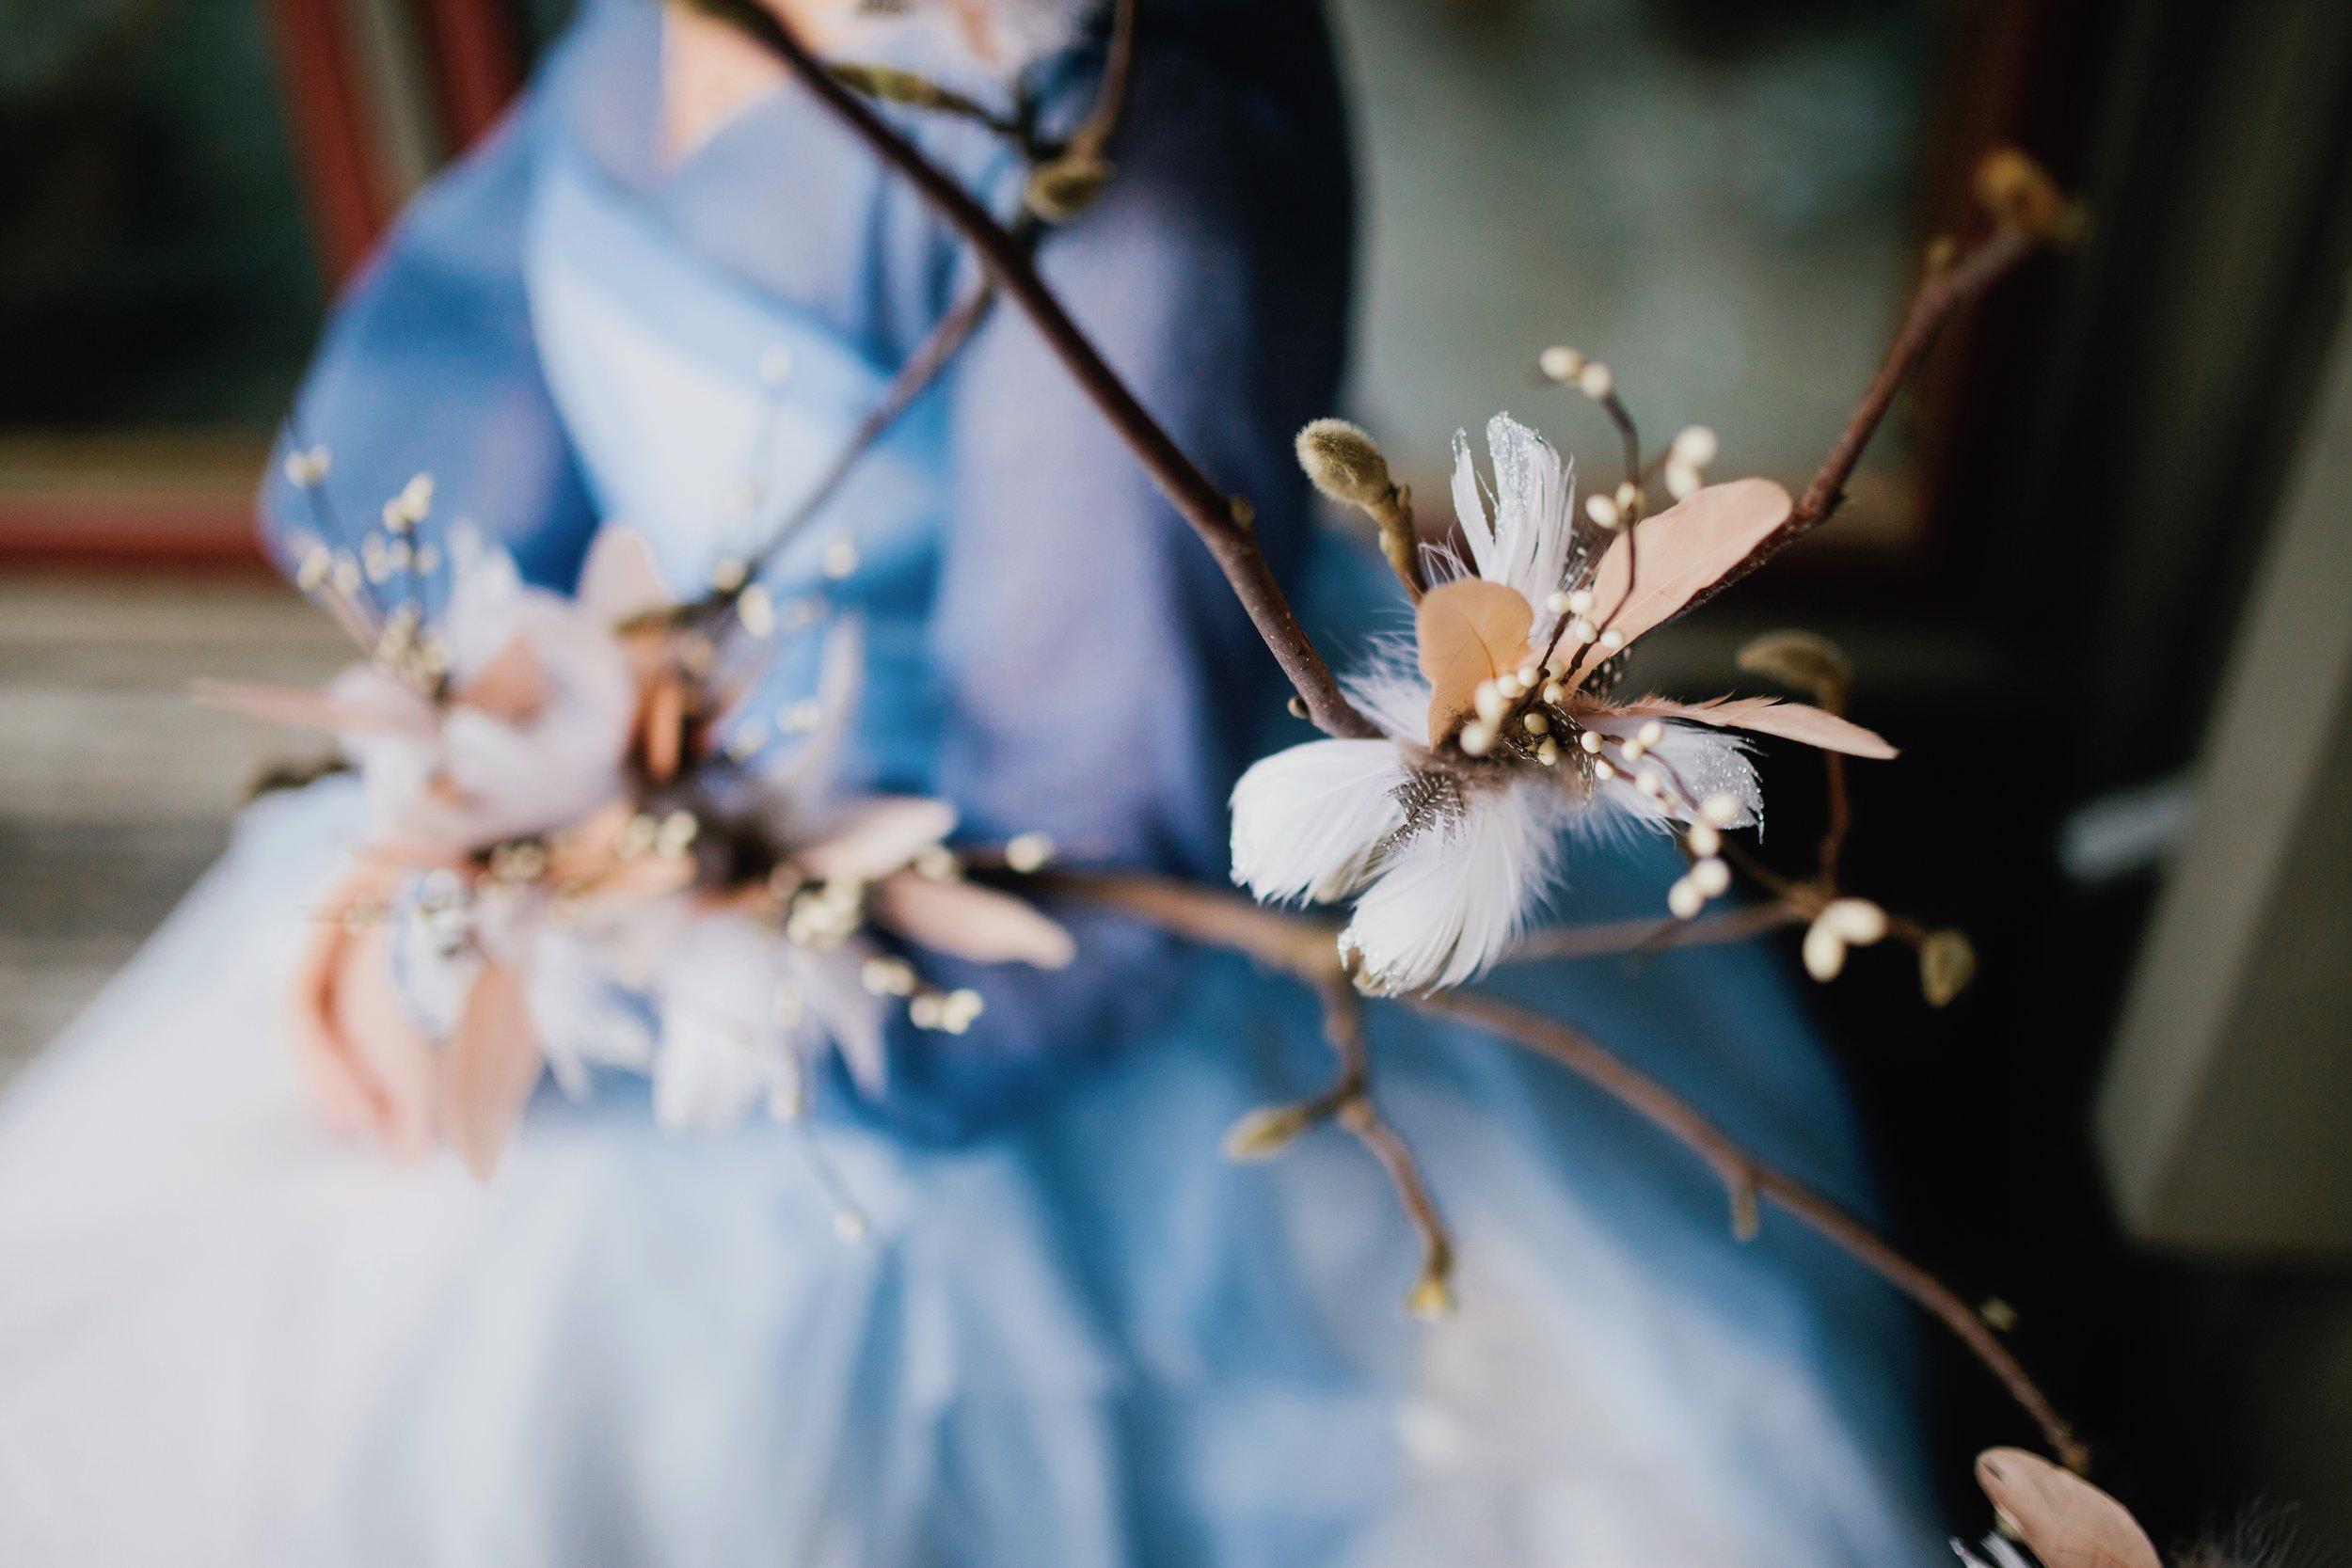 Ice-zeita-wedding-9.jpg